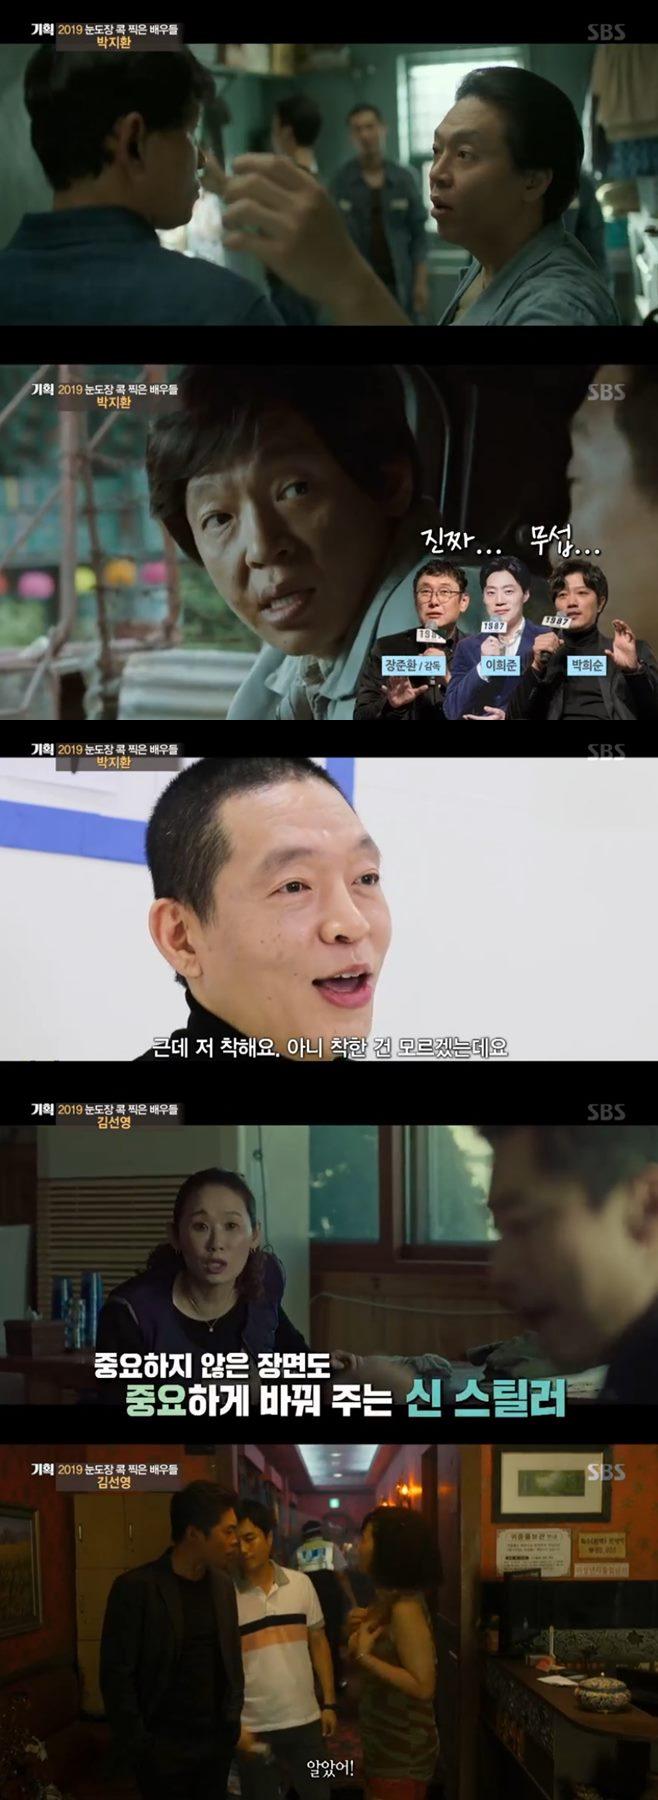 박지환 김선영 그대 이름은 장미 인 디 아일 베일리 어게인 액슬 거짓말을 사랑하는 여자